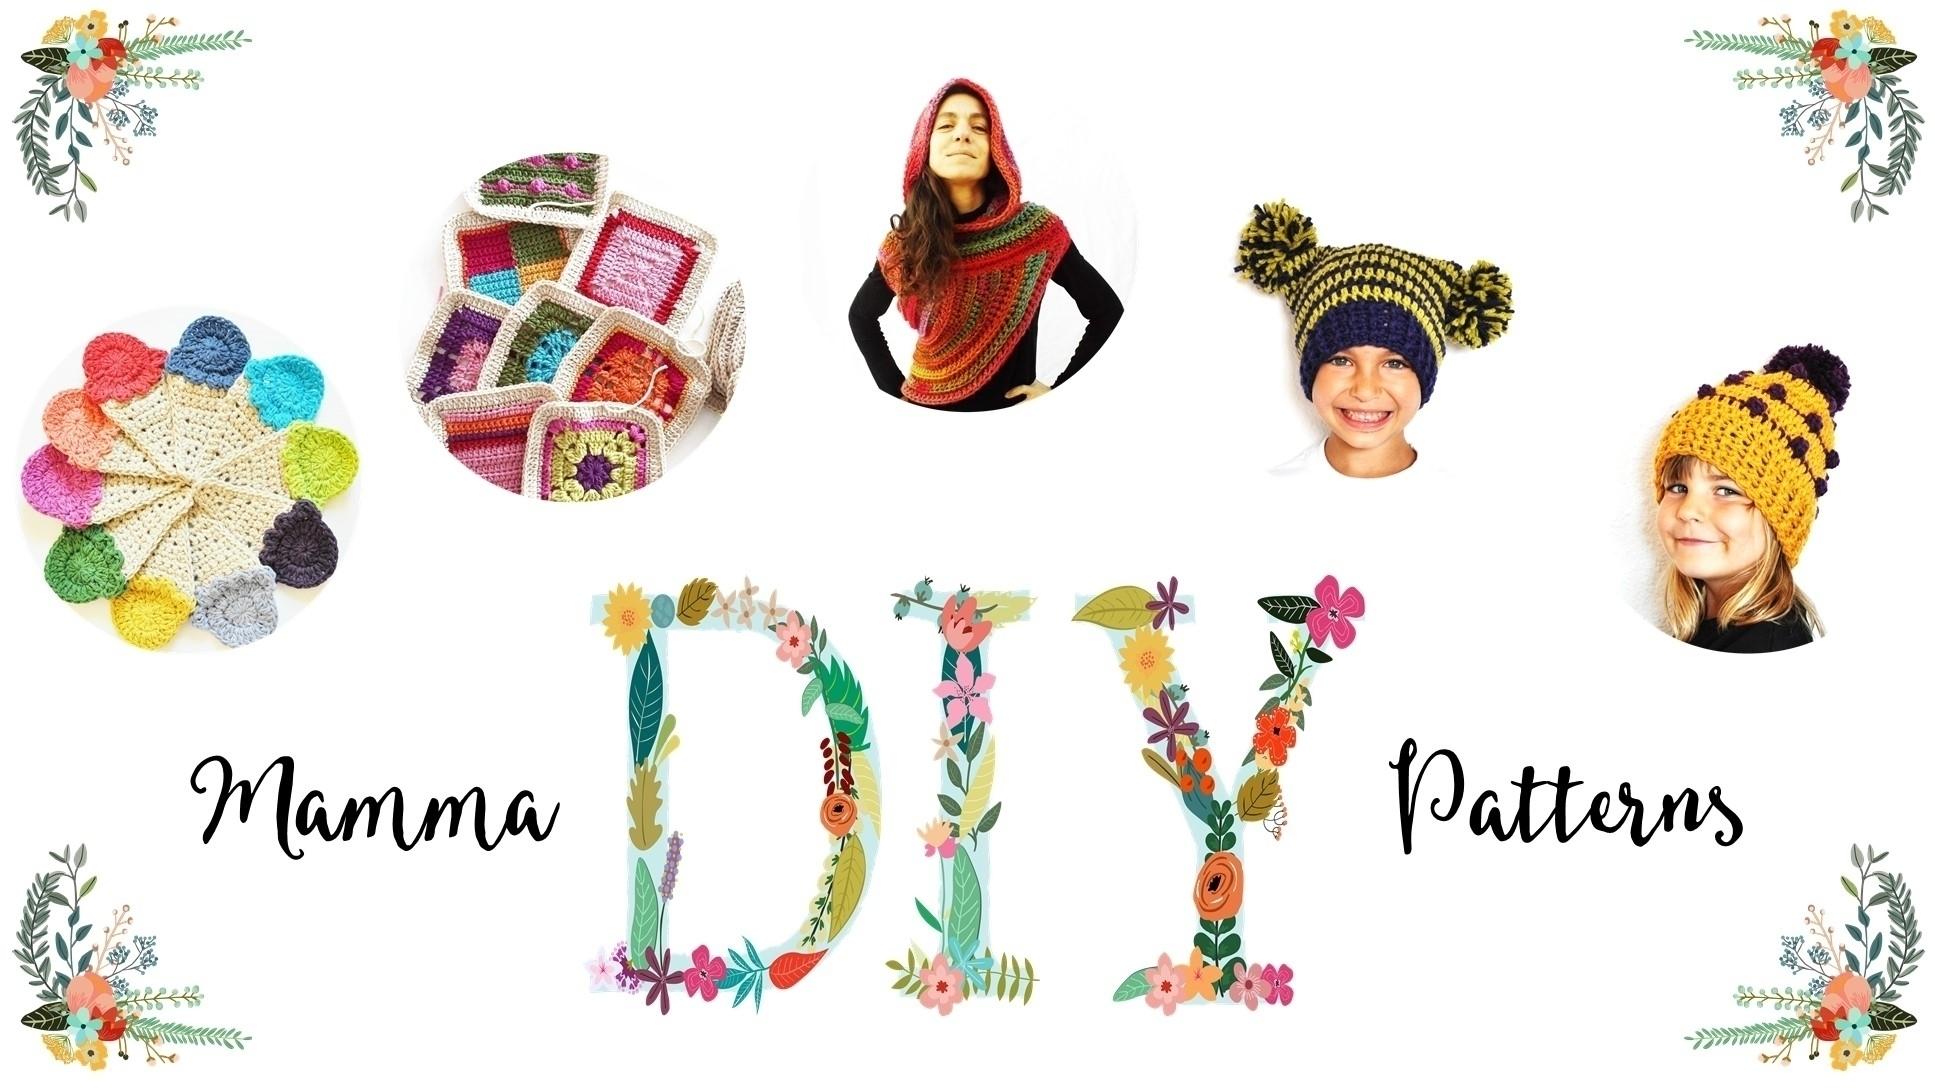 Mamma DIY Crochet Patterns  (@mammadiy) Cover Image